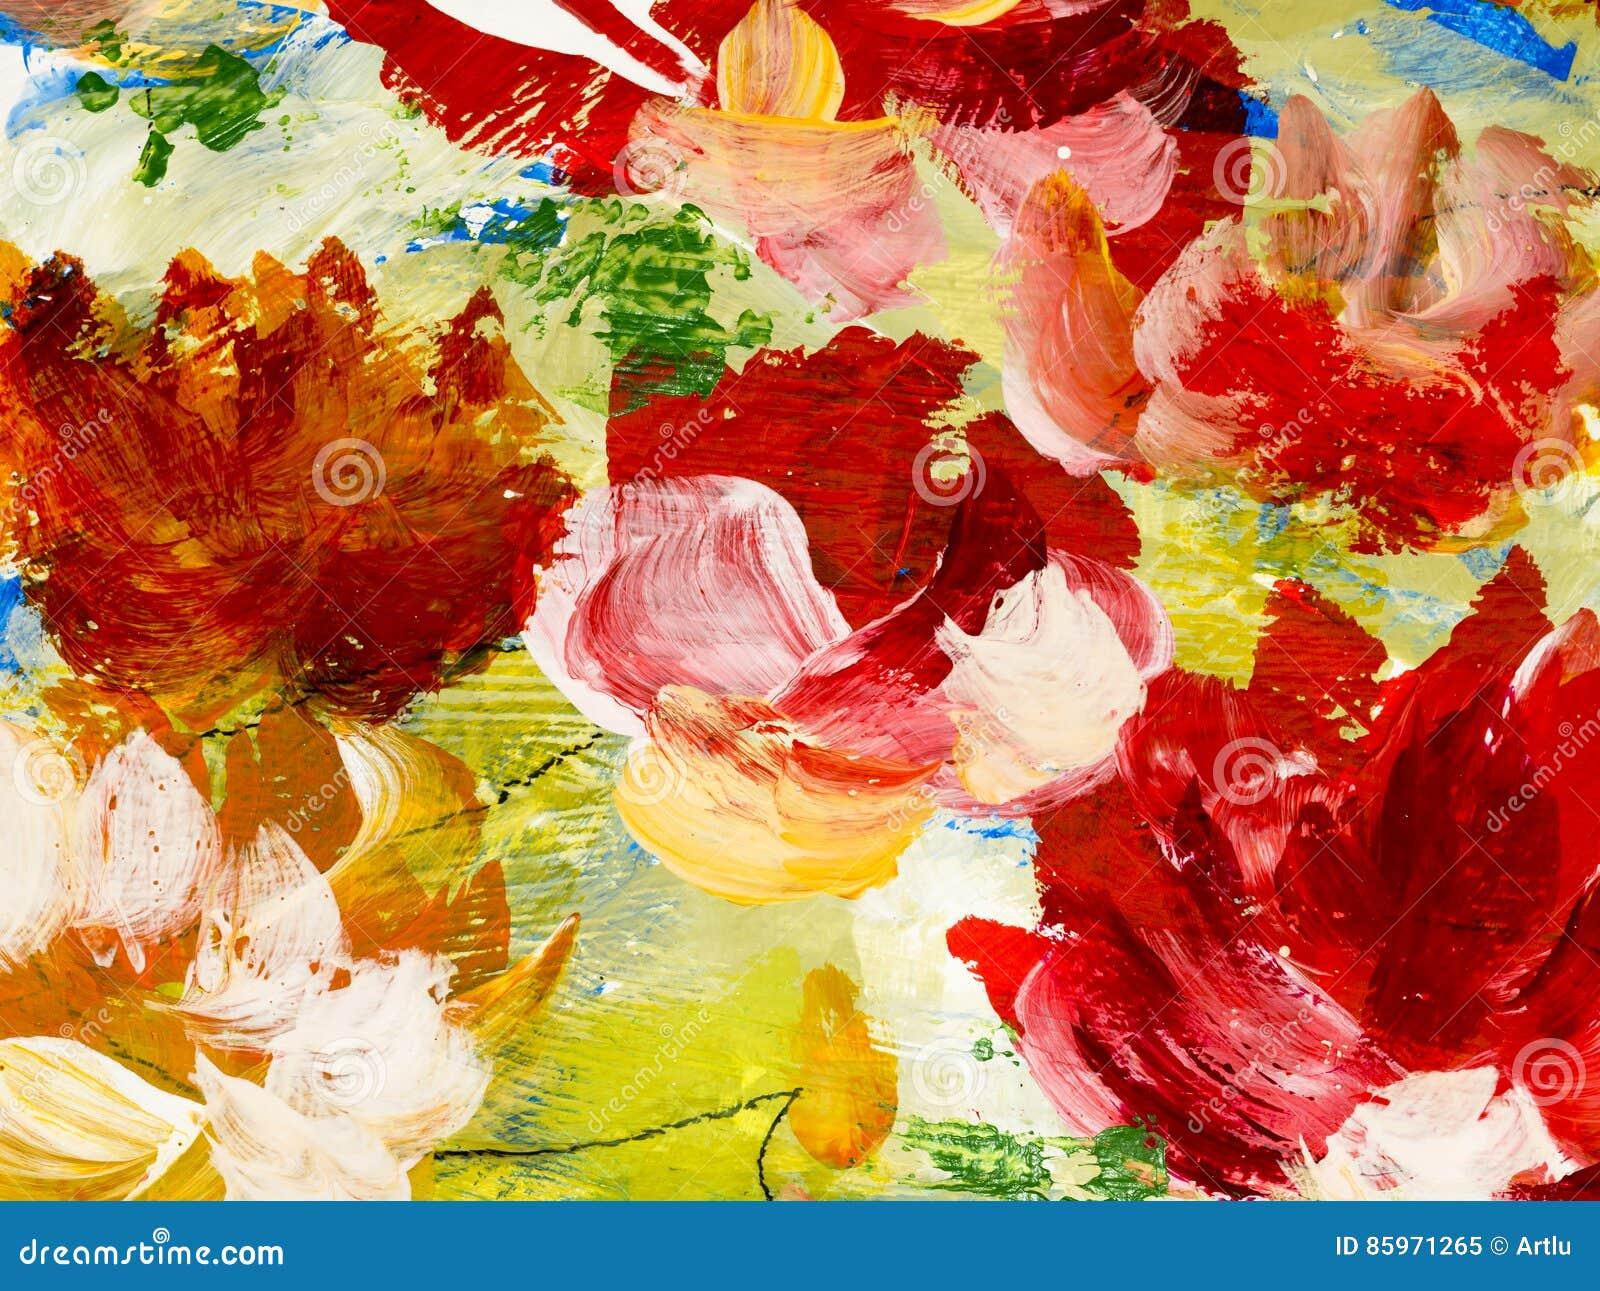 Fleurs Abstraites De La Peinture Acrylique Sur La Toile Illustration